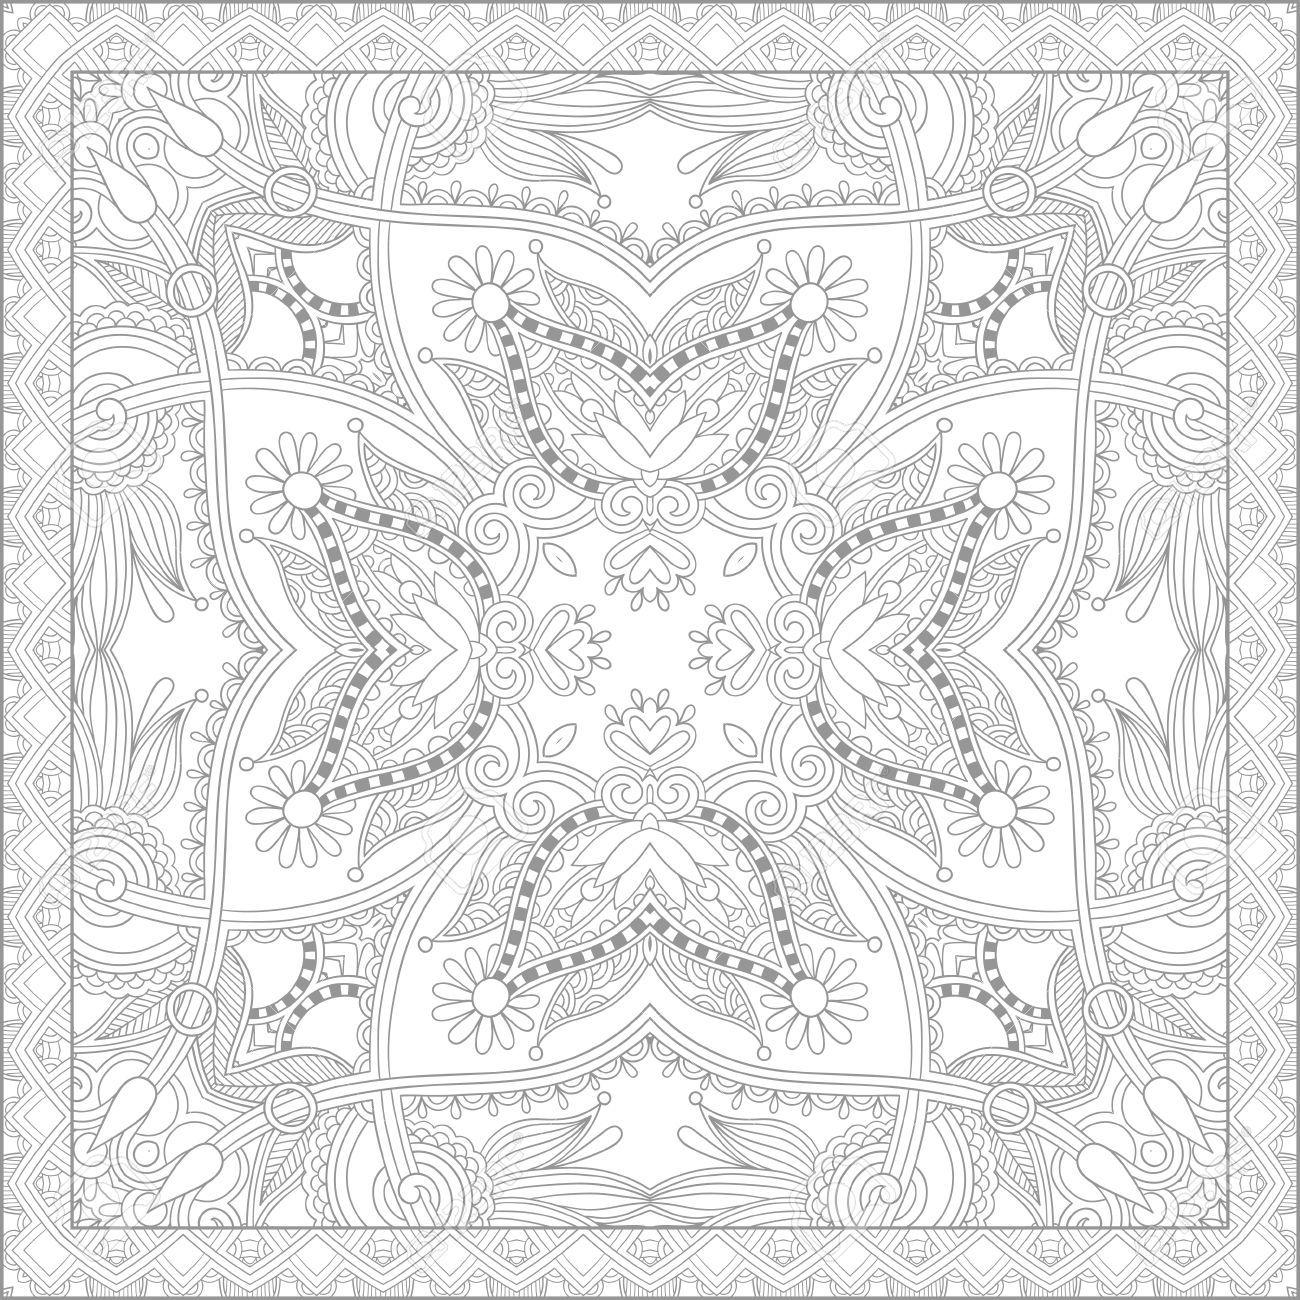 http://de.123rf.com/photo_40703595_einzigartige-malbuch-quadrat ...